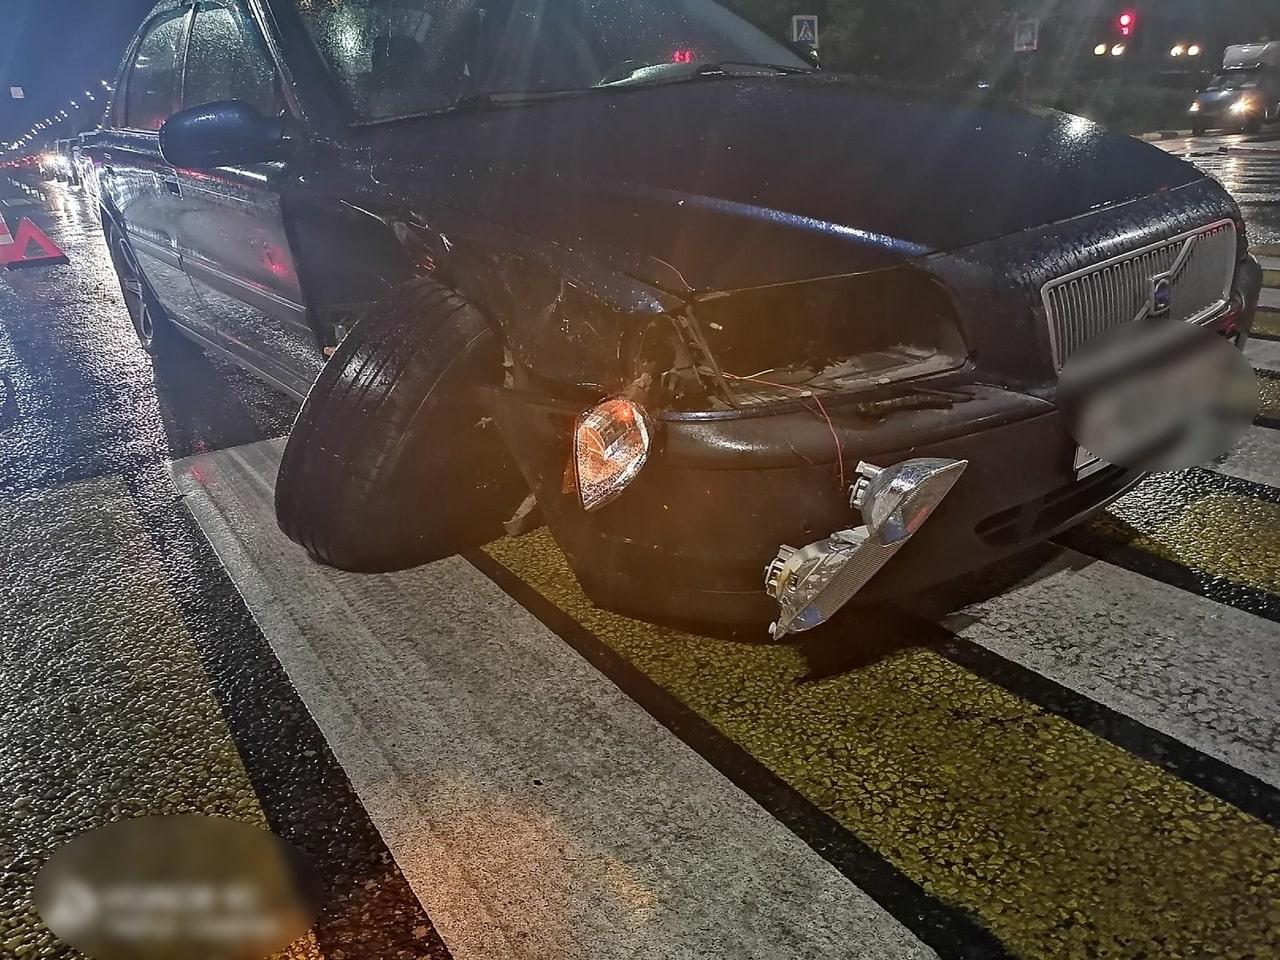 Появились фотографии с места столкновения ВАЗа и Volvo в Твери